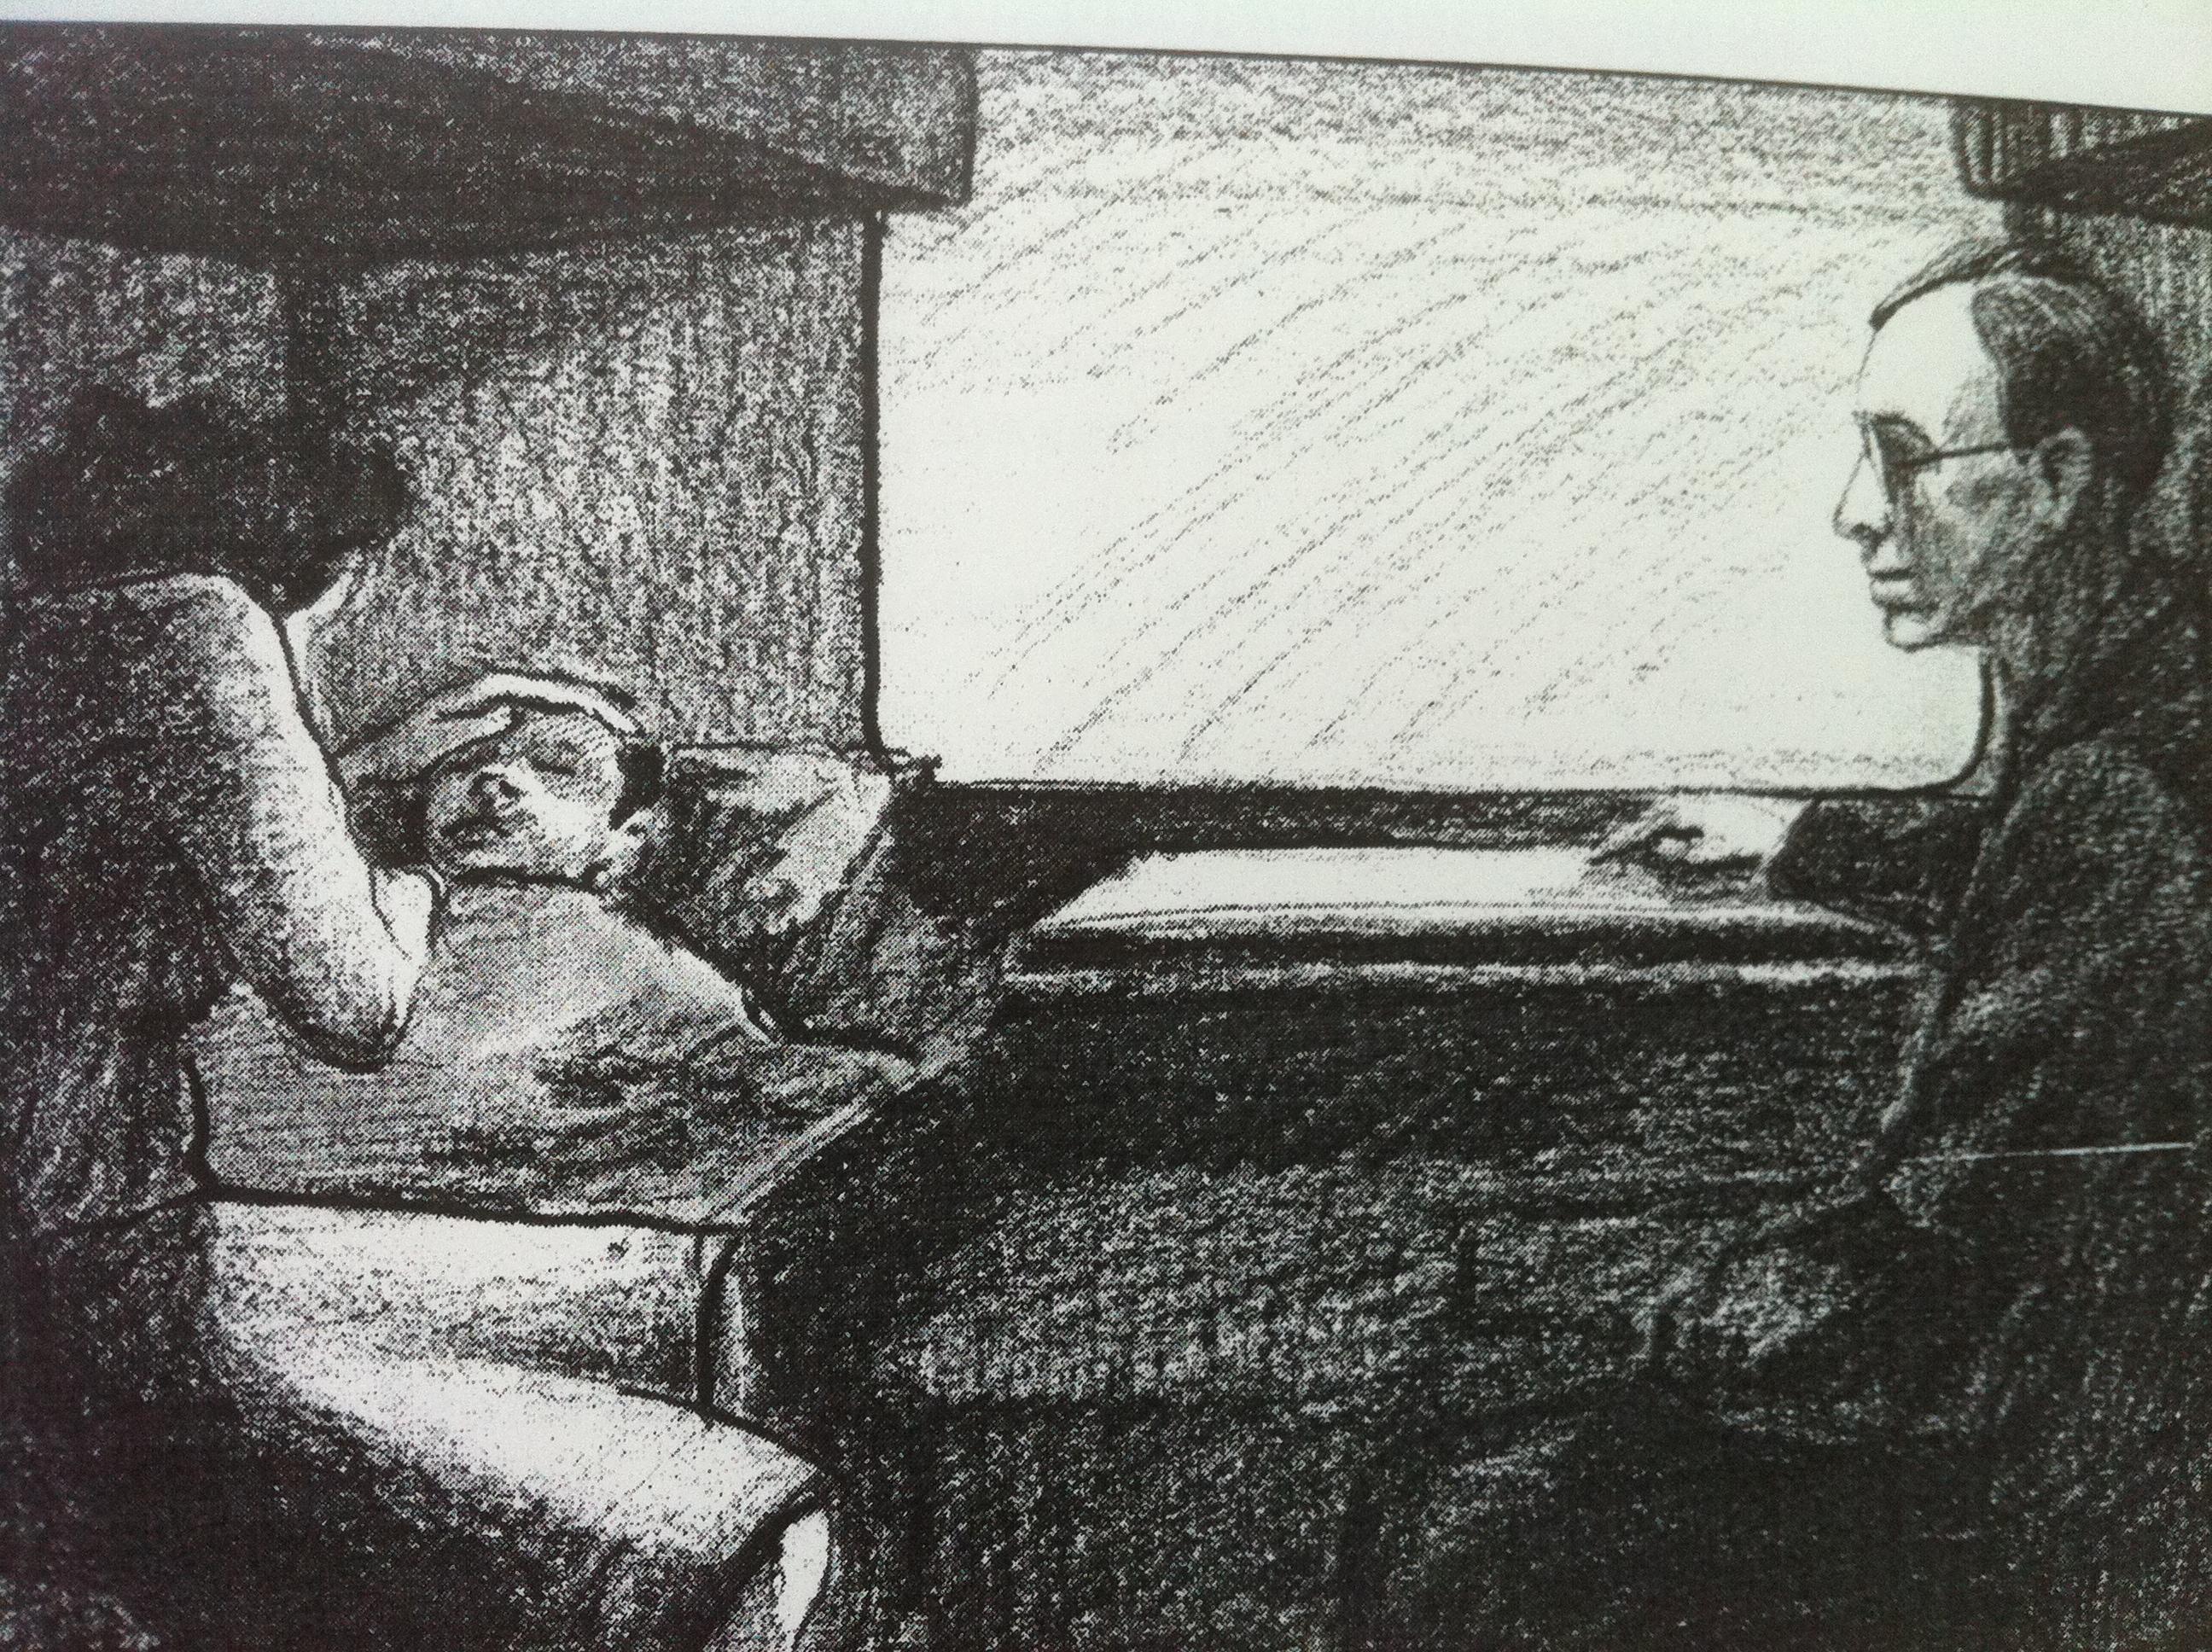 Член мальчика медленно входил в письку девочке